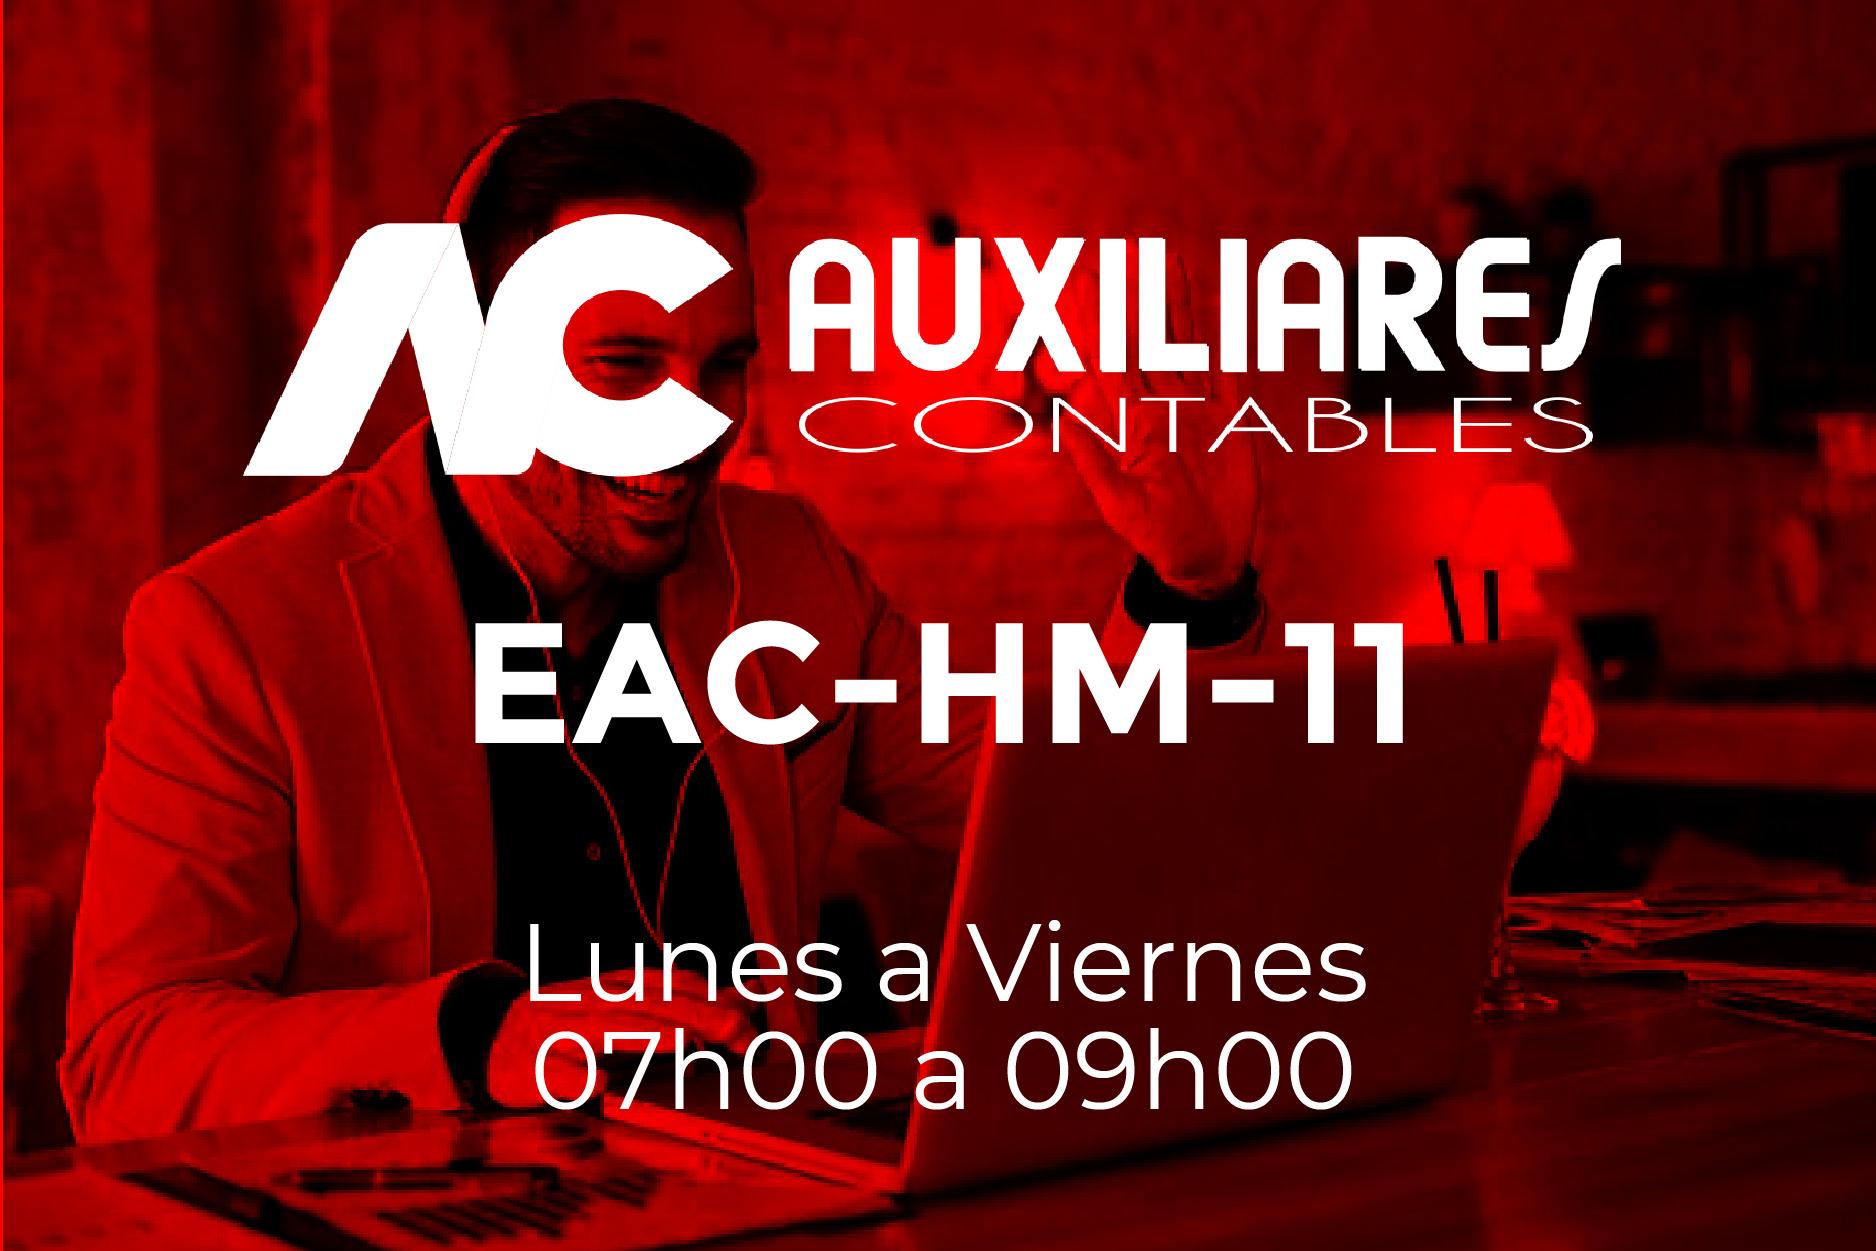 11 - AUXILIARES CONTABLES - LUNES A VIERNES - 07:00 A 09:00